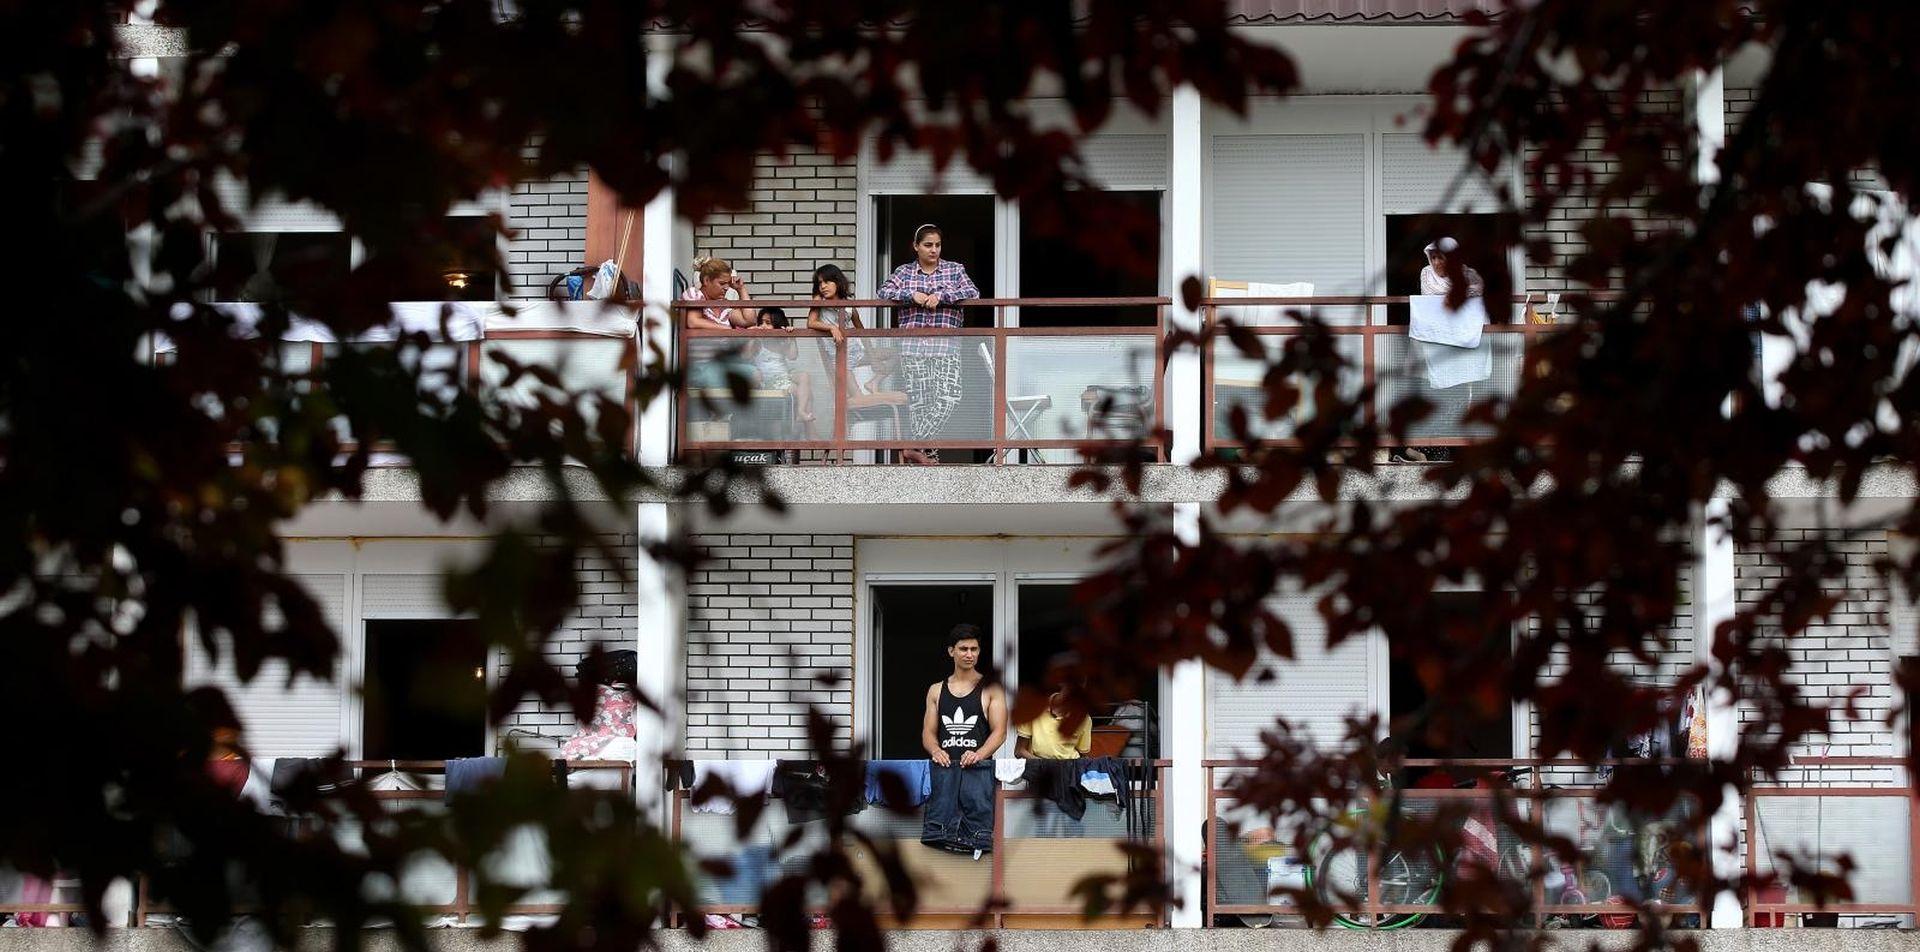 CMS više neće raditi u prihvatilištima za tražitelje azila